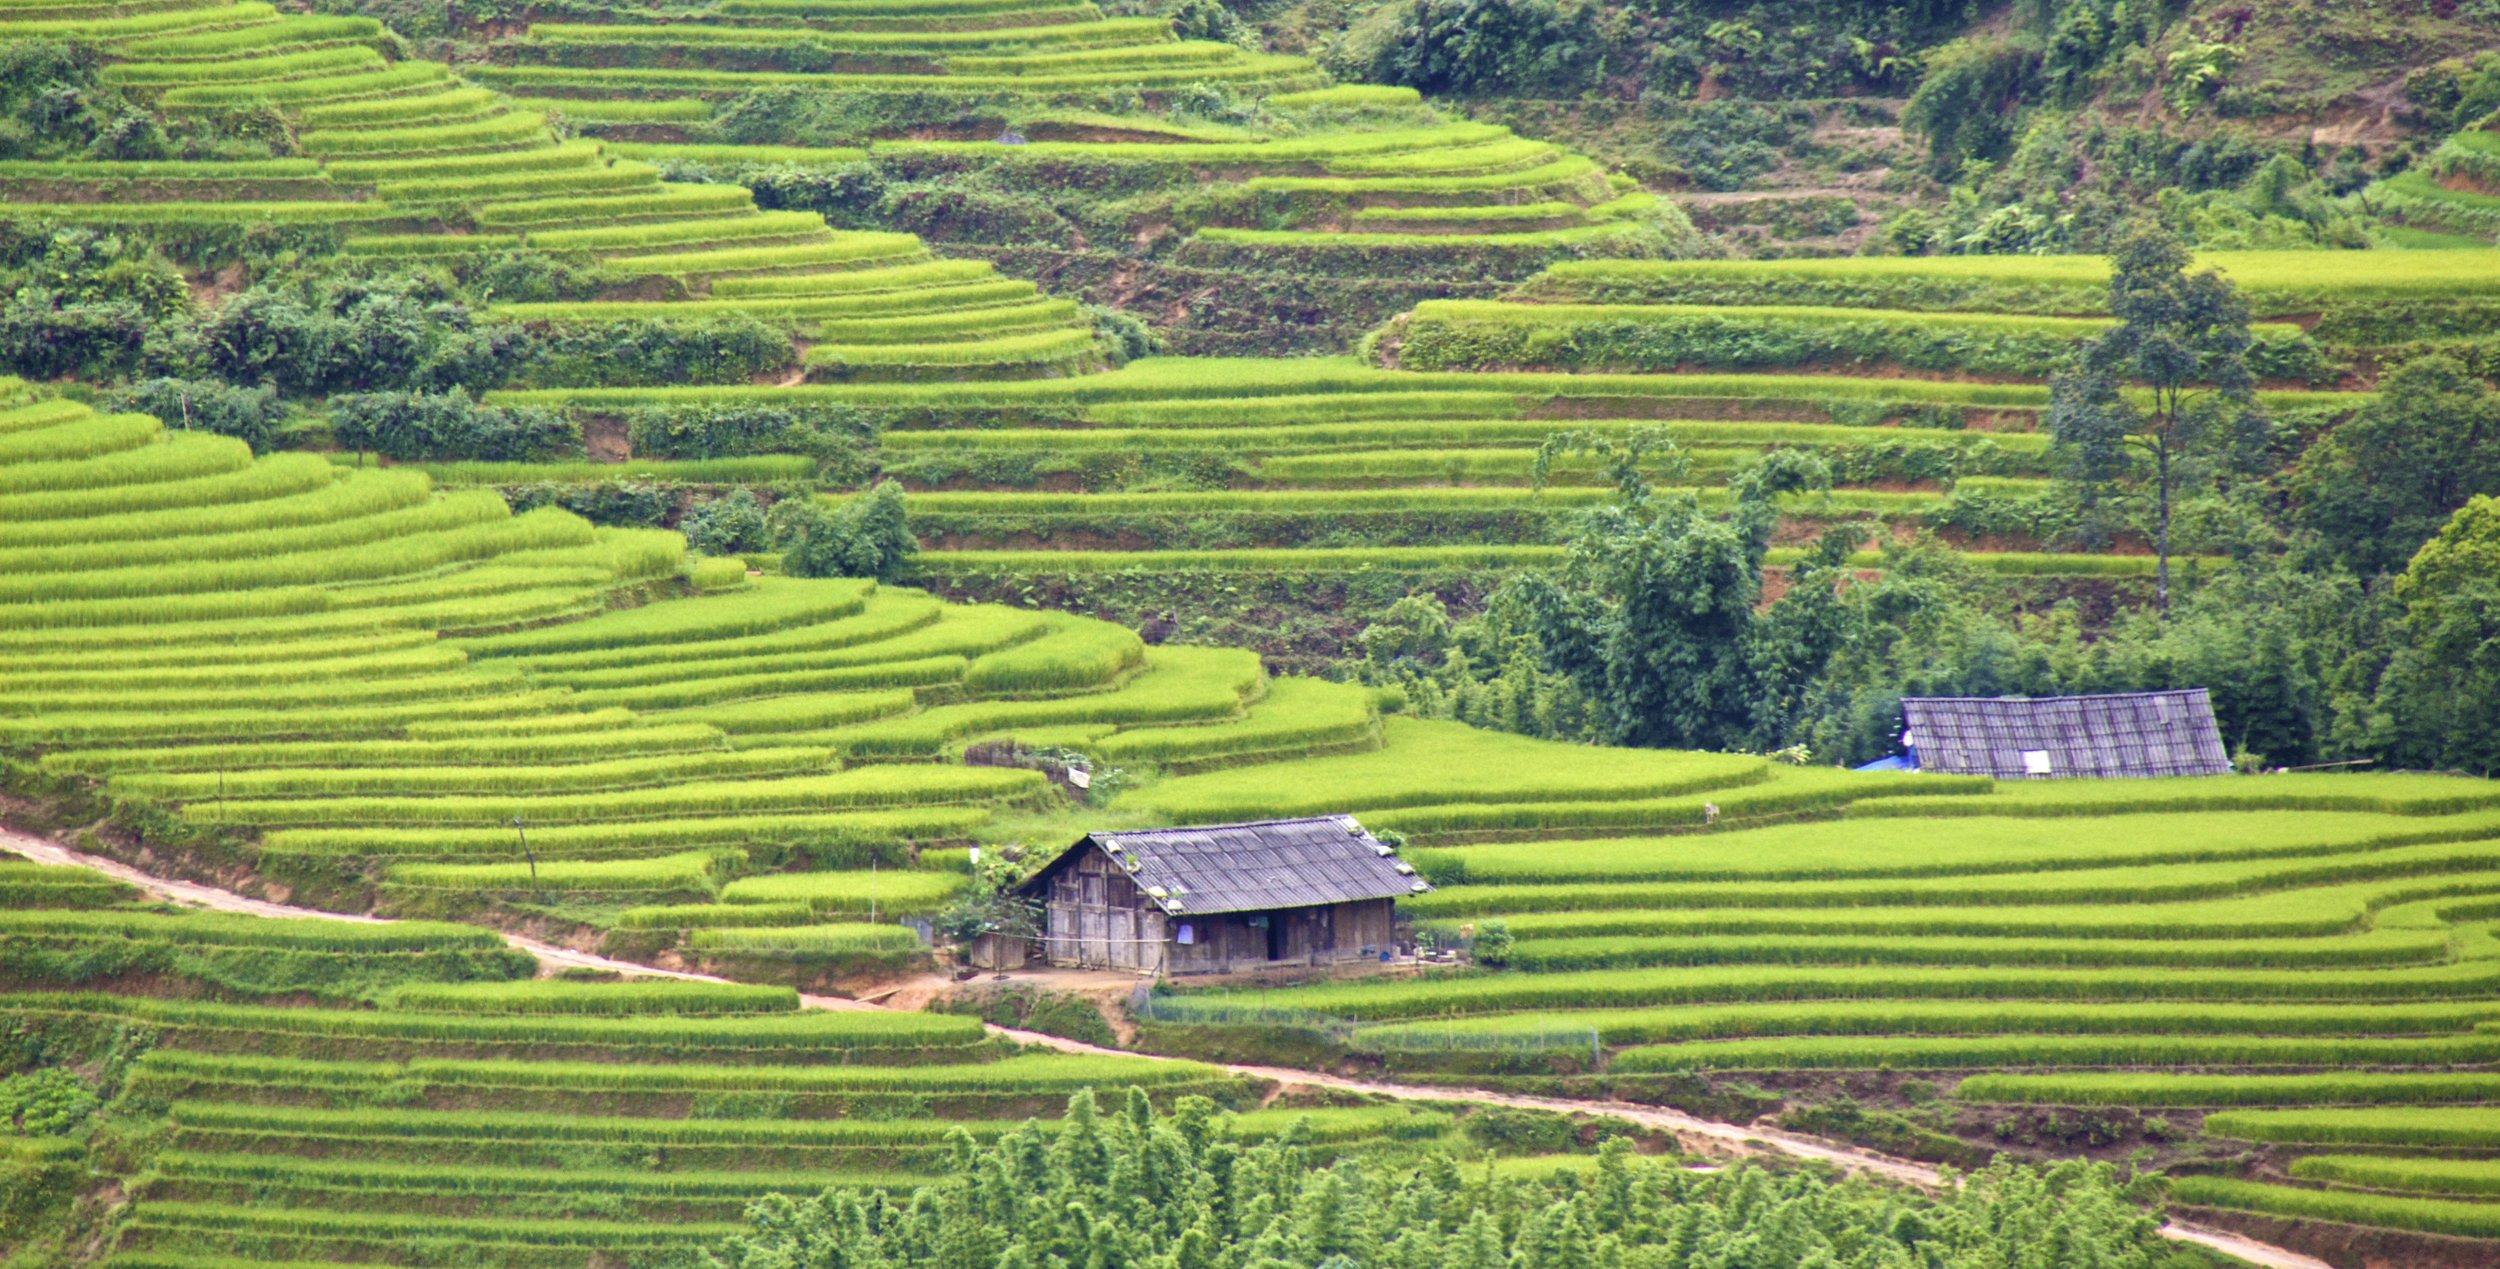 sa pa lao cai vietnam rice paddies 40.jpg